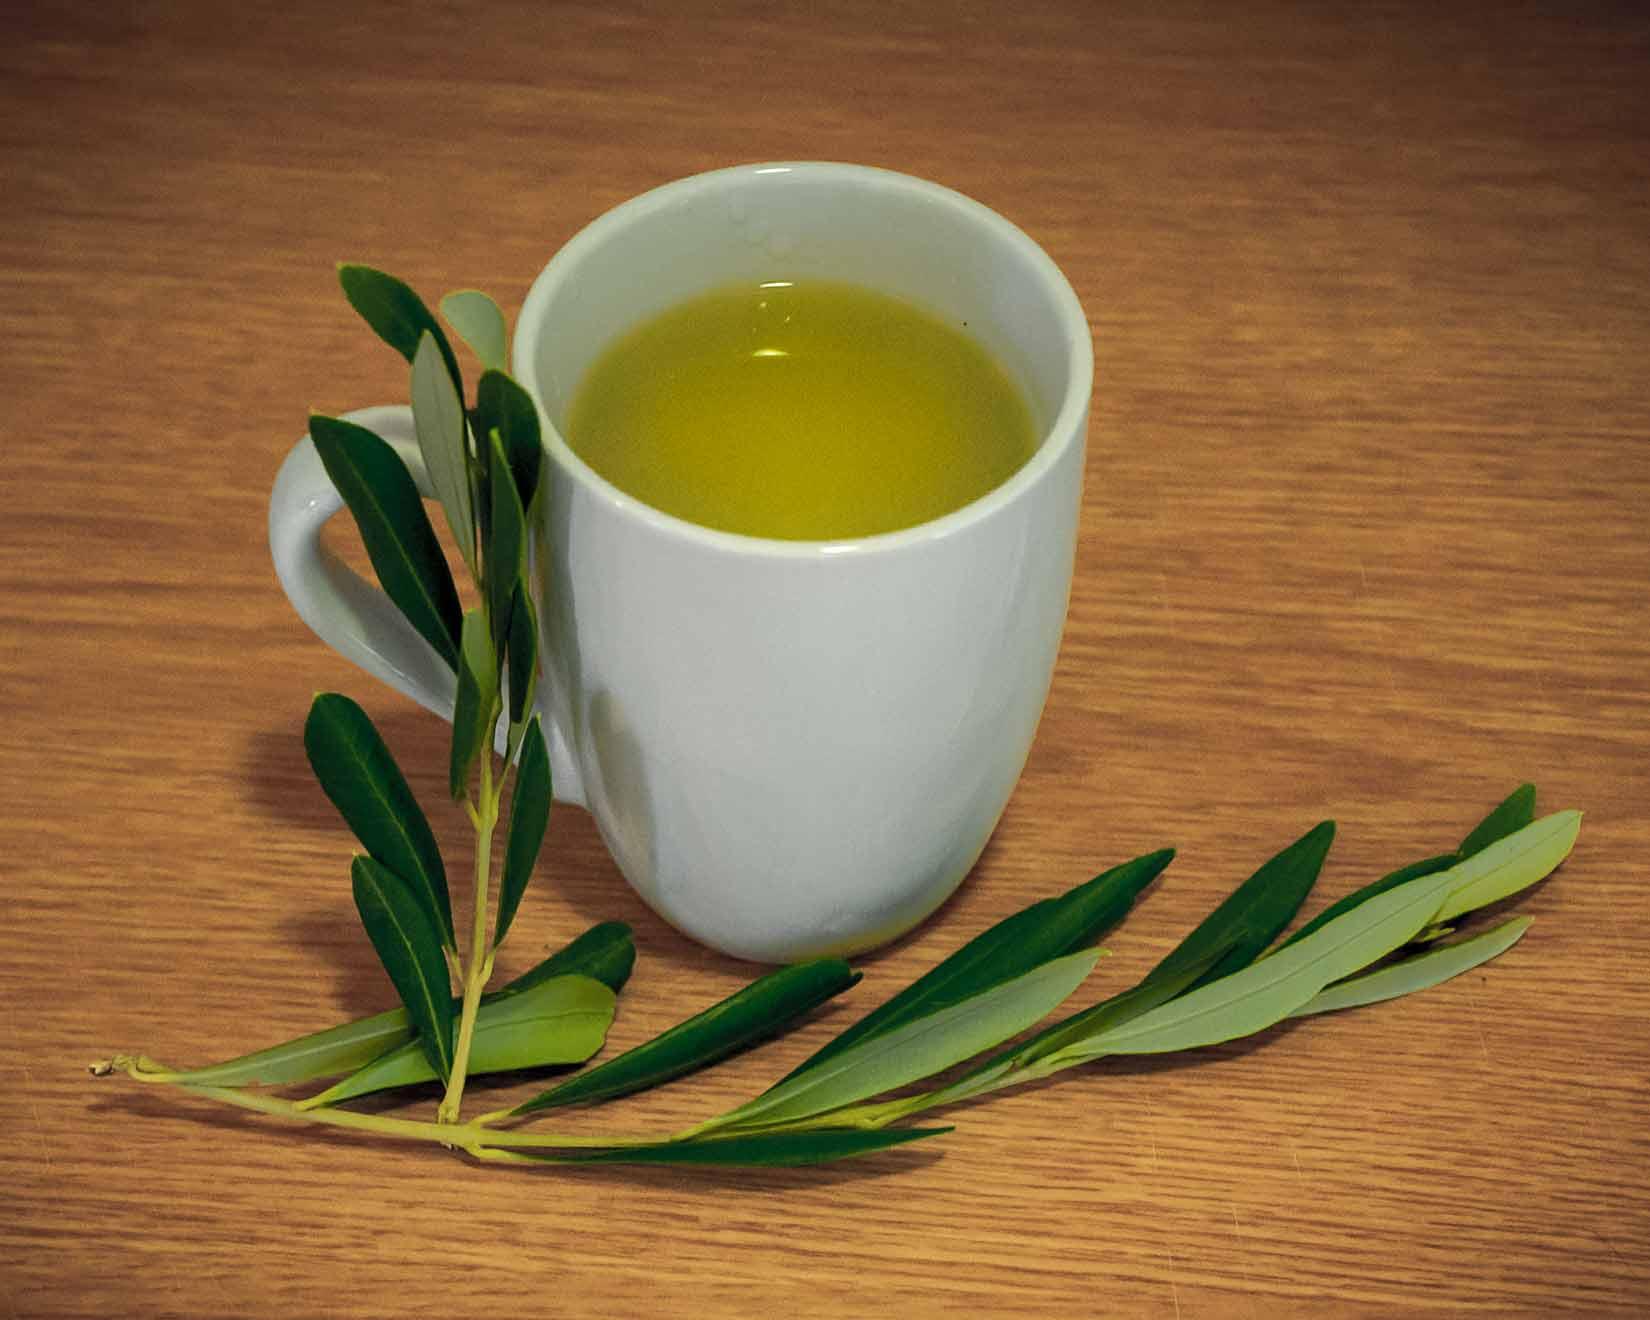 Čaj z čerstvých olivových listů má zlatavou barvu a jemnou chuť a vůni